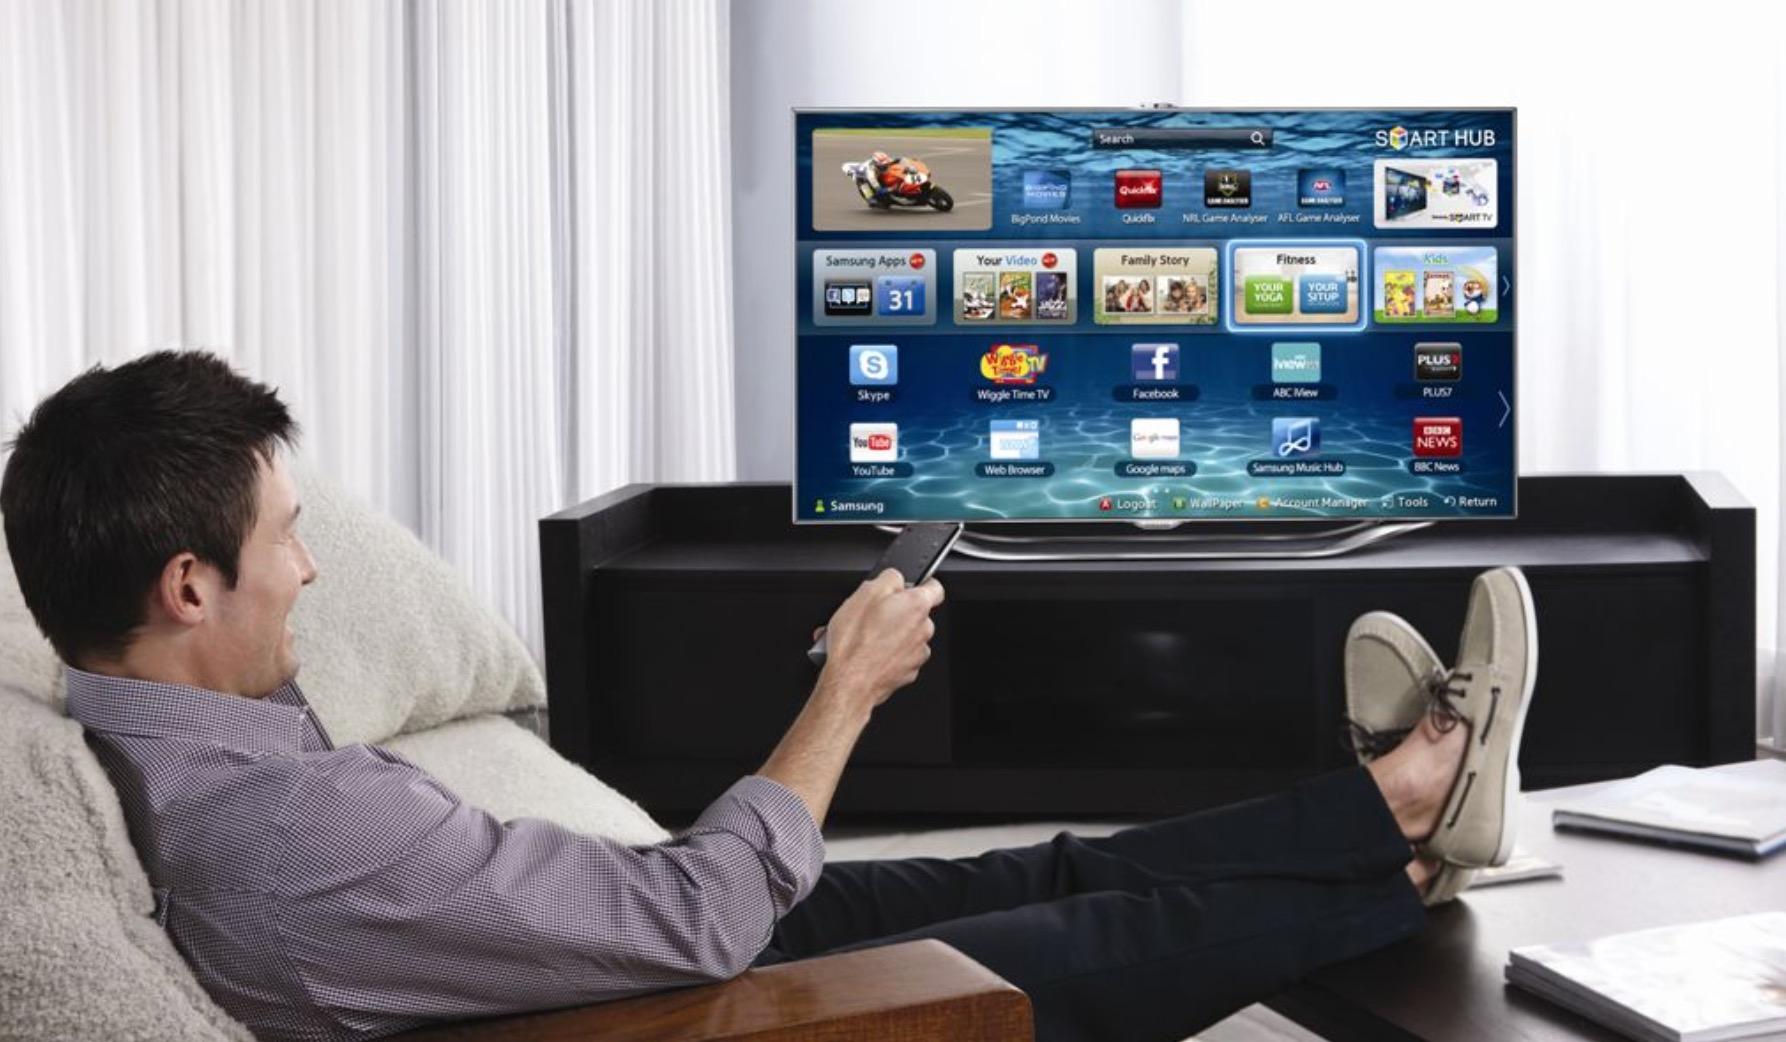 image de Journée mondiale de la télévision : connectez votre smartphone Android à votre téléviseur